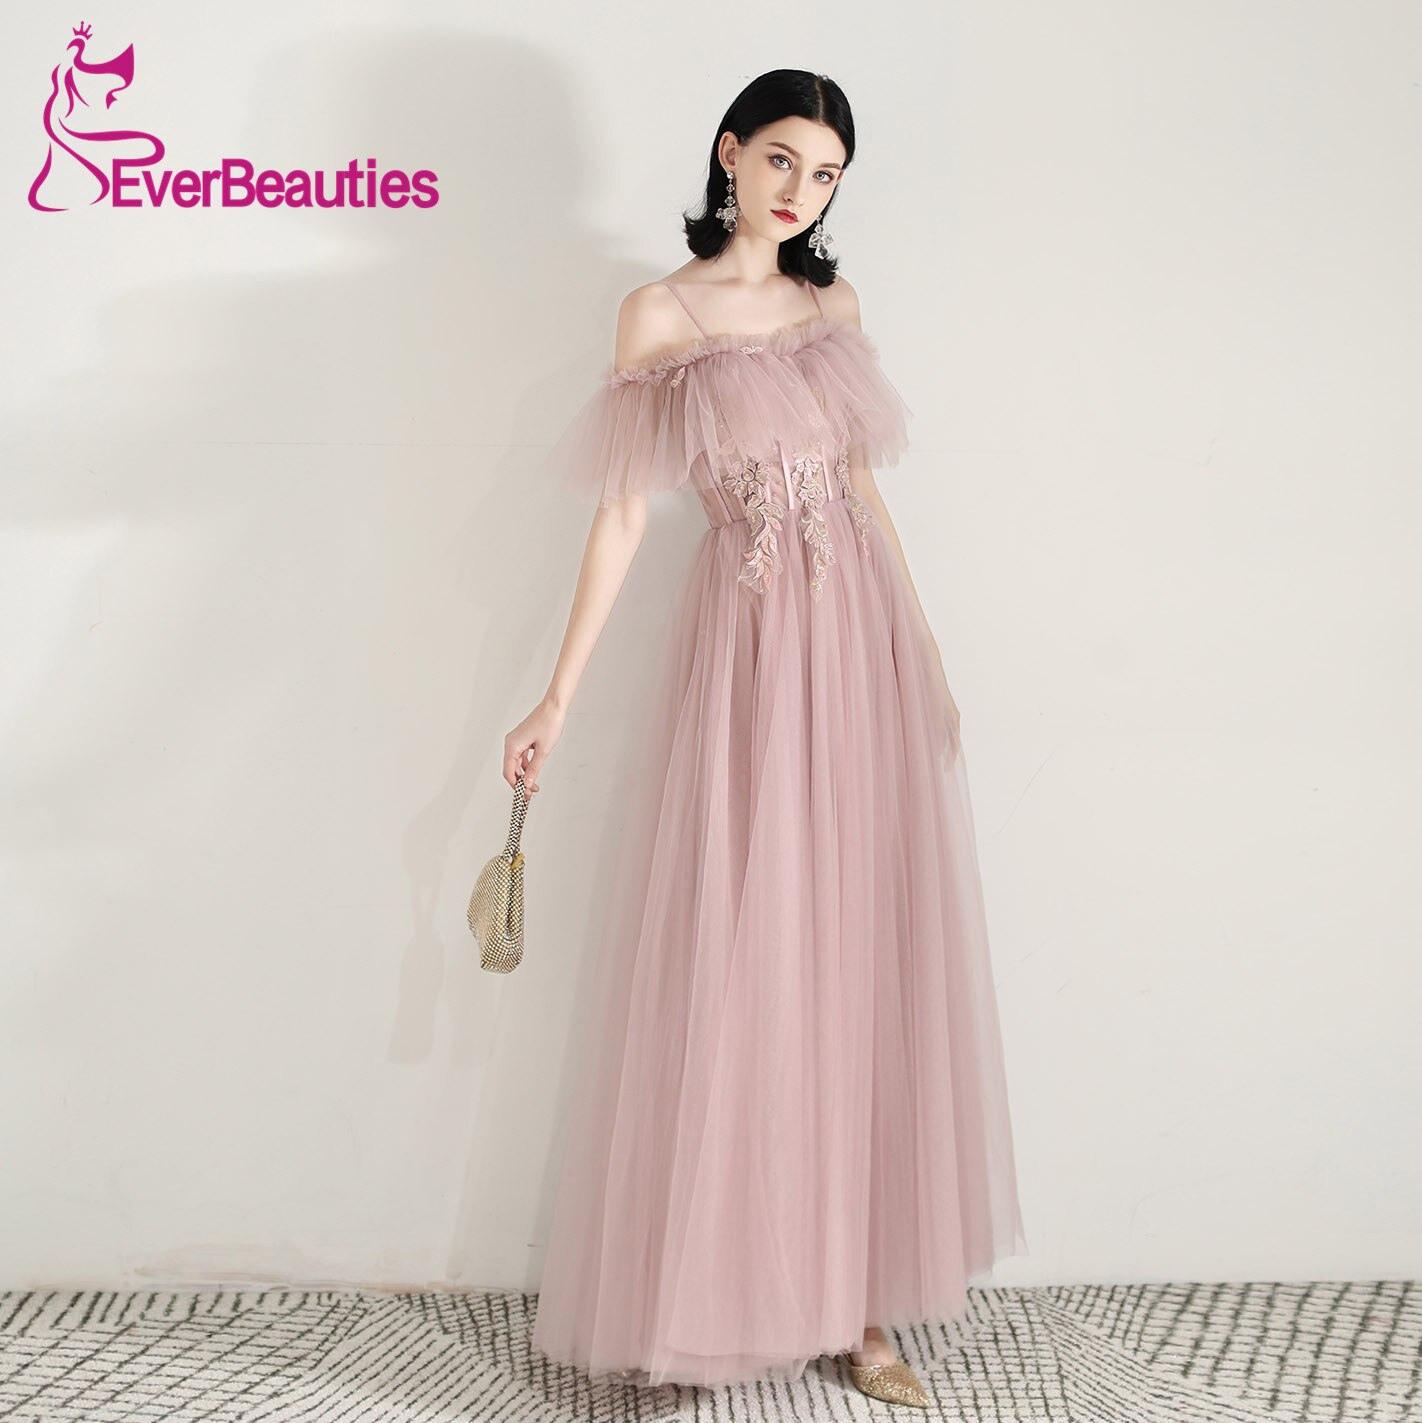 Designer Cool Vero Moda Abendkleider Vertrieb20 Wunderbar Vero Moda Abendkleider Design